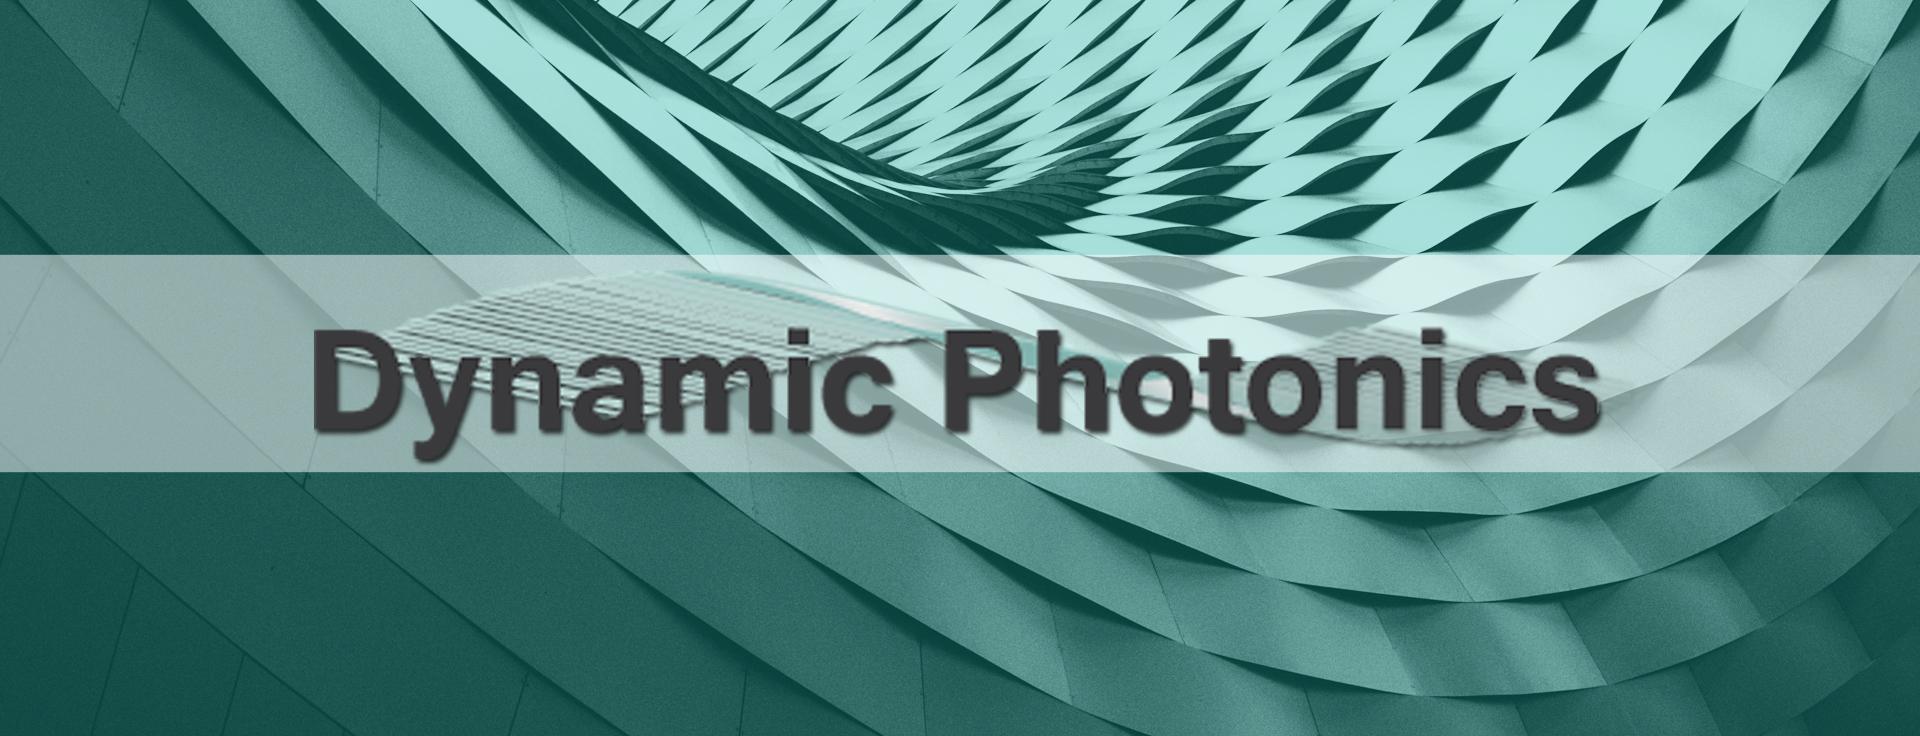 DPI banner.jpg